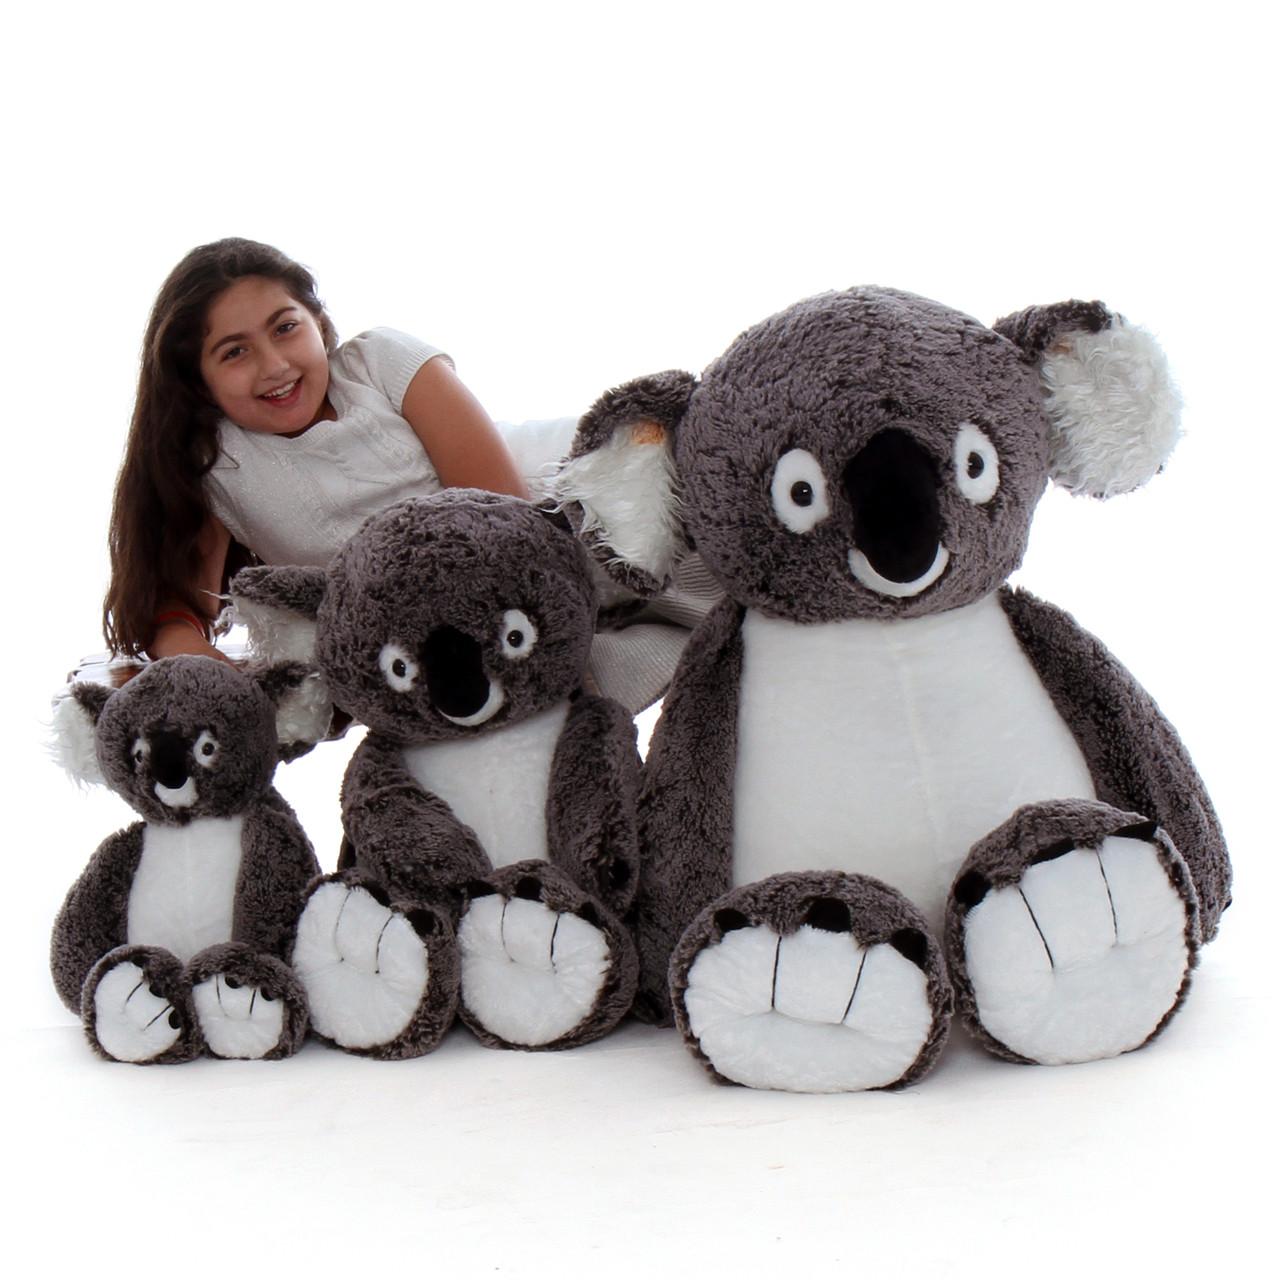 Stuffed Koala Family by Giant Teddy